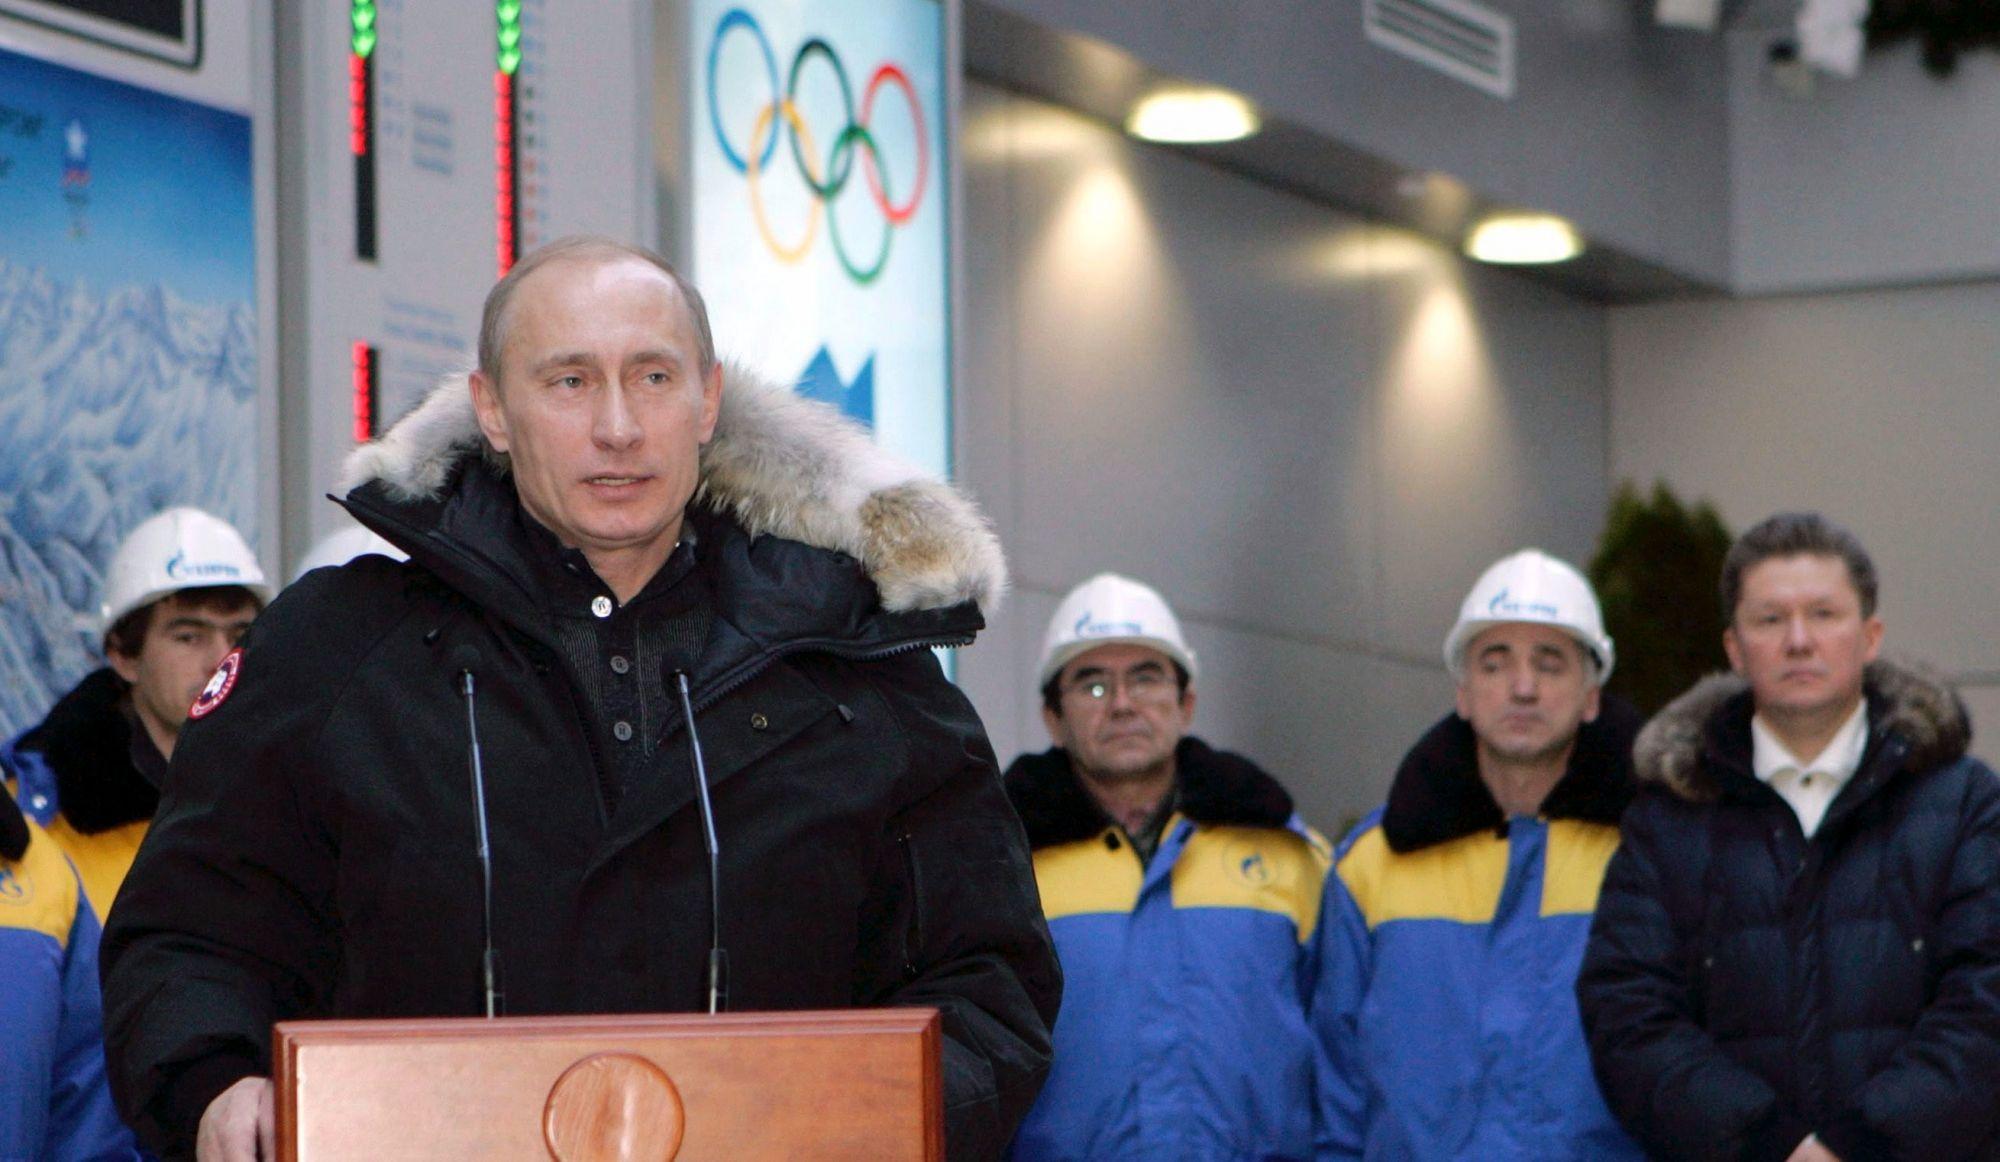 Poutine n'empêchera pas les athlètes russes de participer aux Jeux olympiques